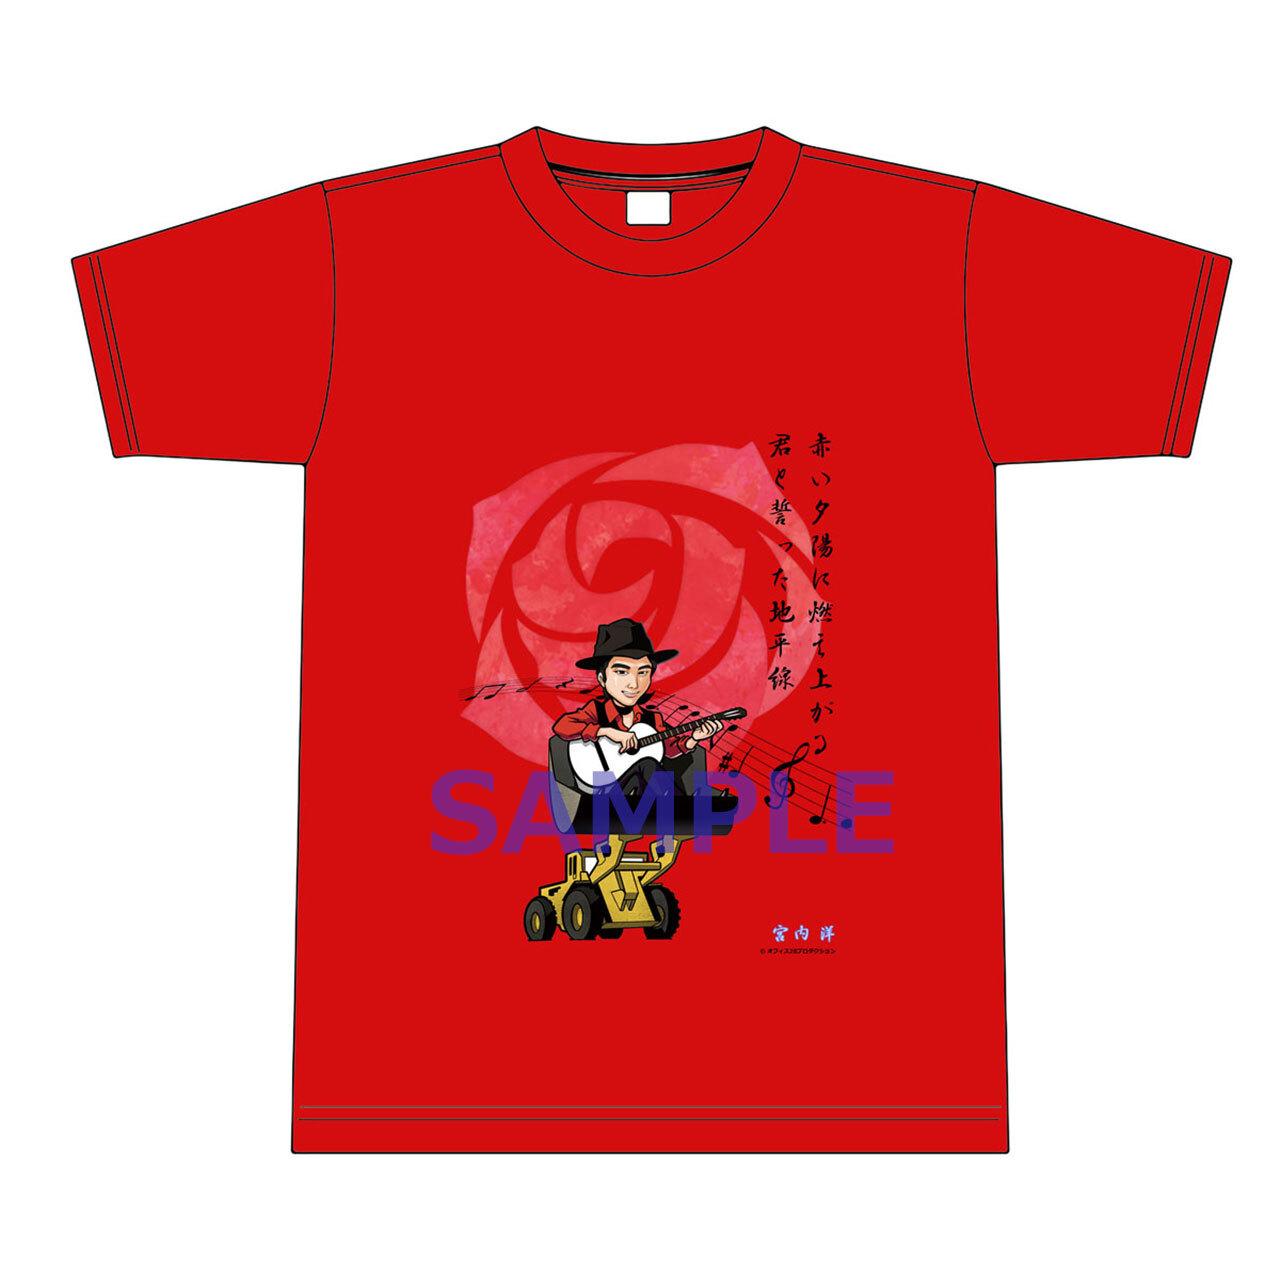 【4589839361323先】宮内洋 Tシャツ A /XL